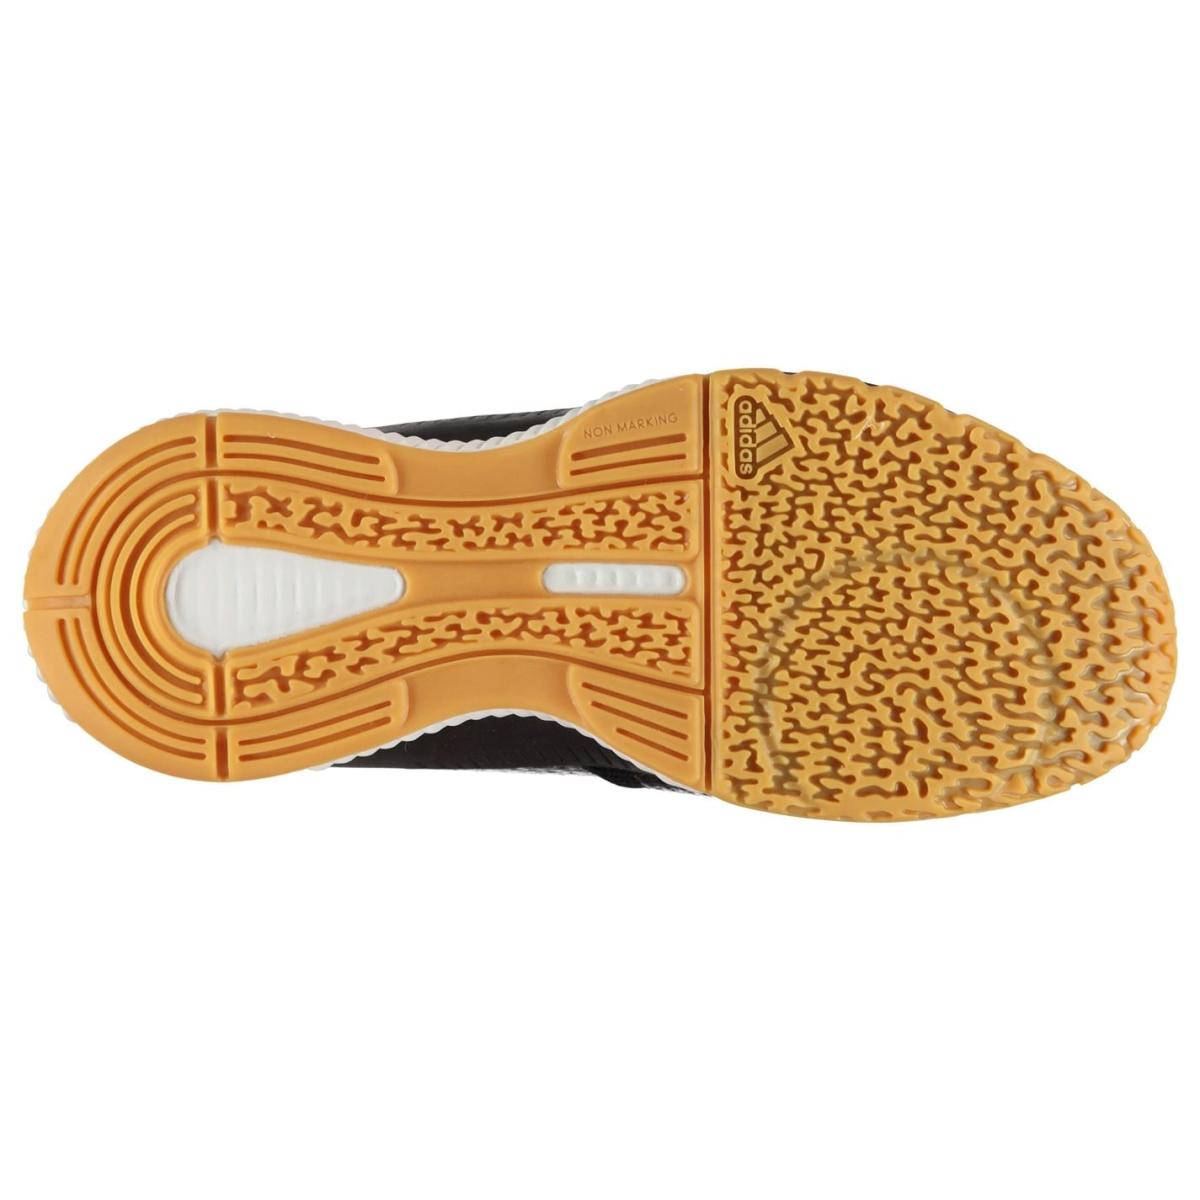 adidas-Crazyflight-Bounce-3-Turnschuhe-Damen-Sneaker-Sportschuhe-Laufschuhe-0095 Indexbild 3